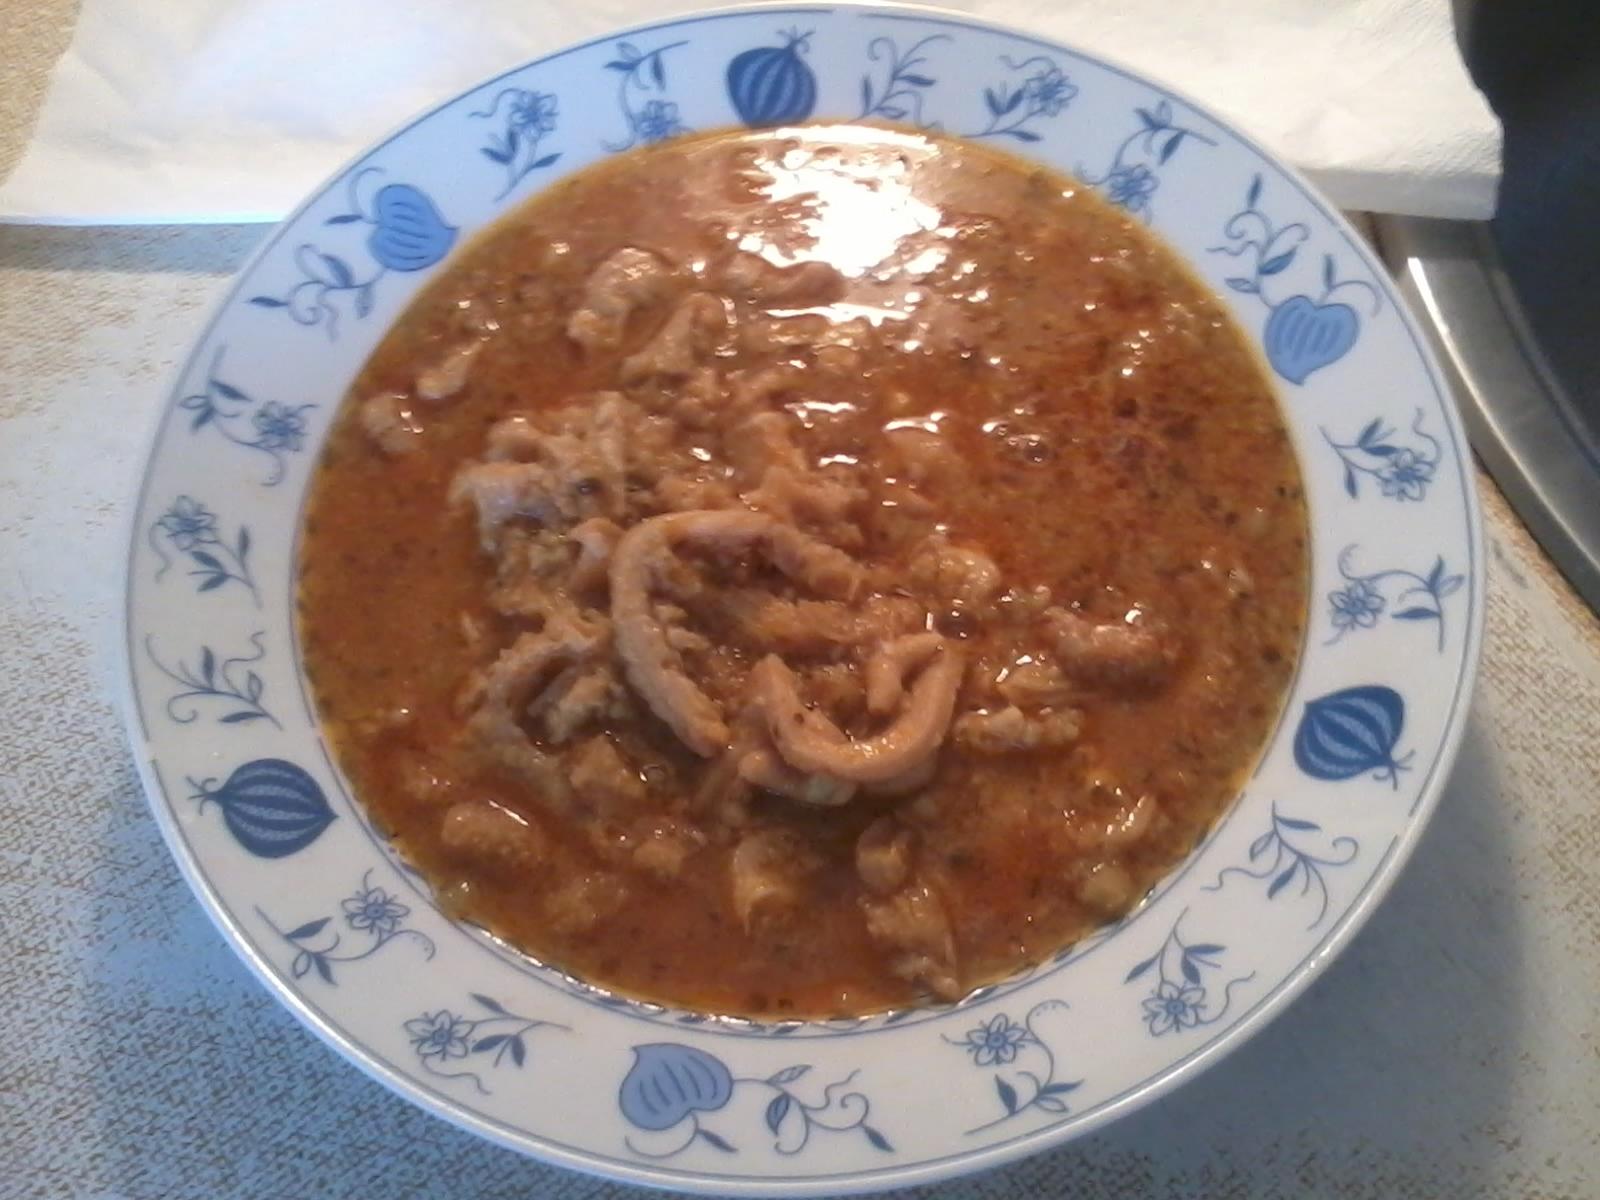 Recept Babiččina dršťková polévka - Držťková polévka, jako od babičky-veškeré ingredience podle Vašeho receptu. (pravý vývar,zahuštěno moukou polohrubou a přidána 1 feferonka ). Pikantní a vynikající - přeji dobrou chuť.